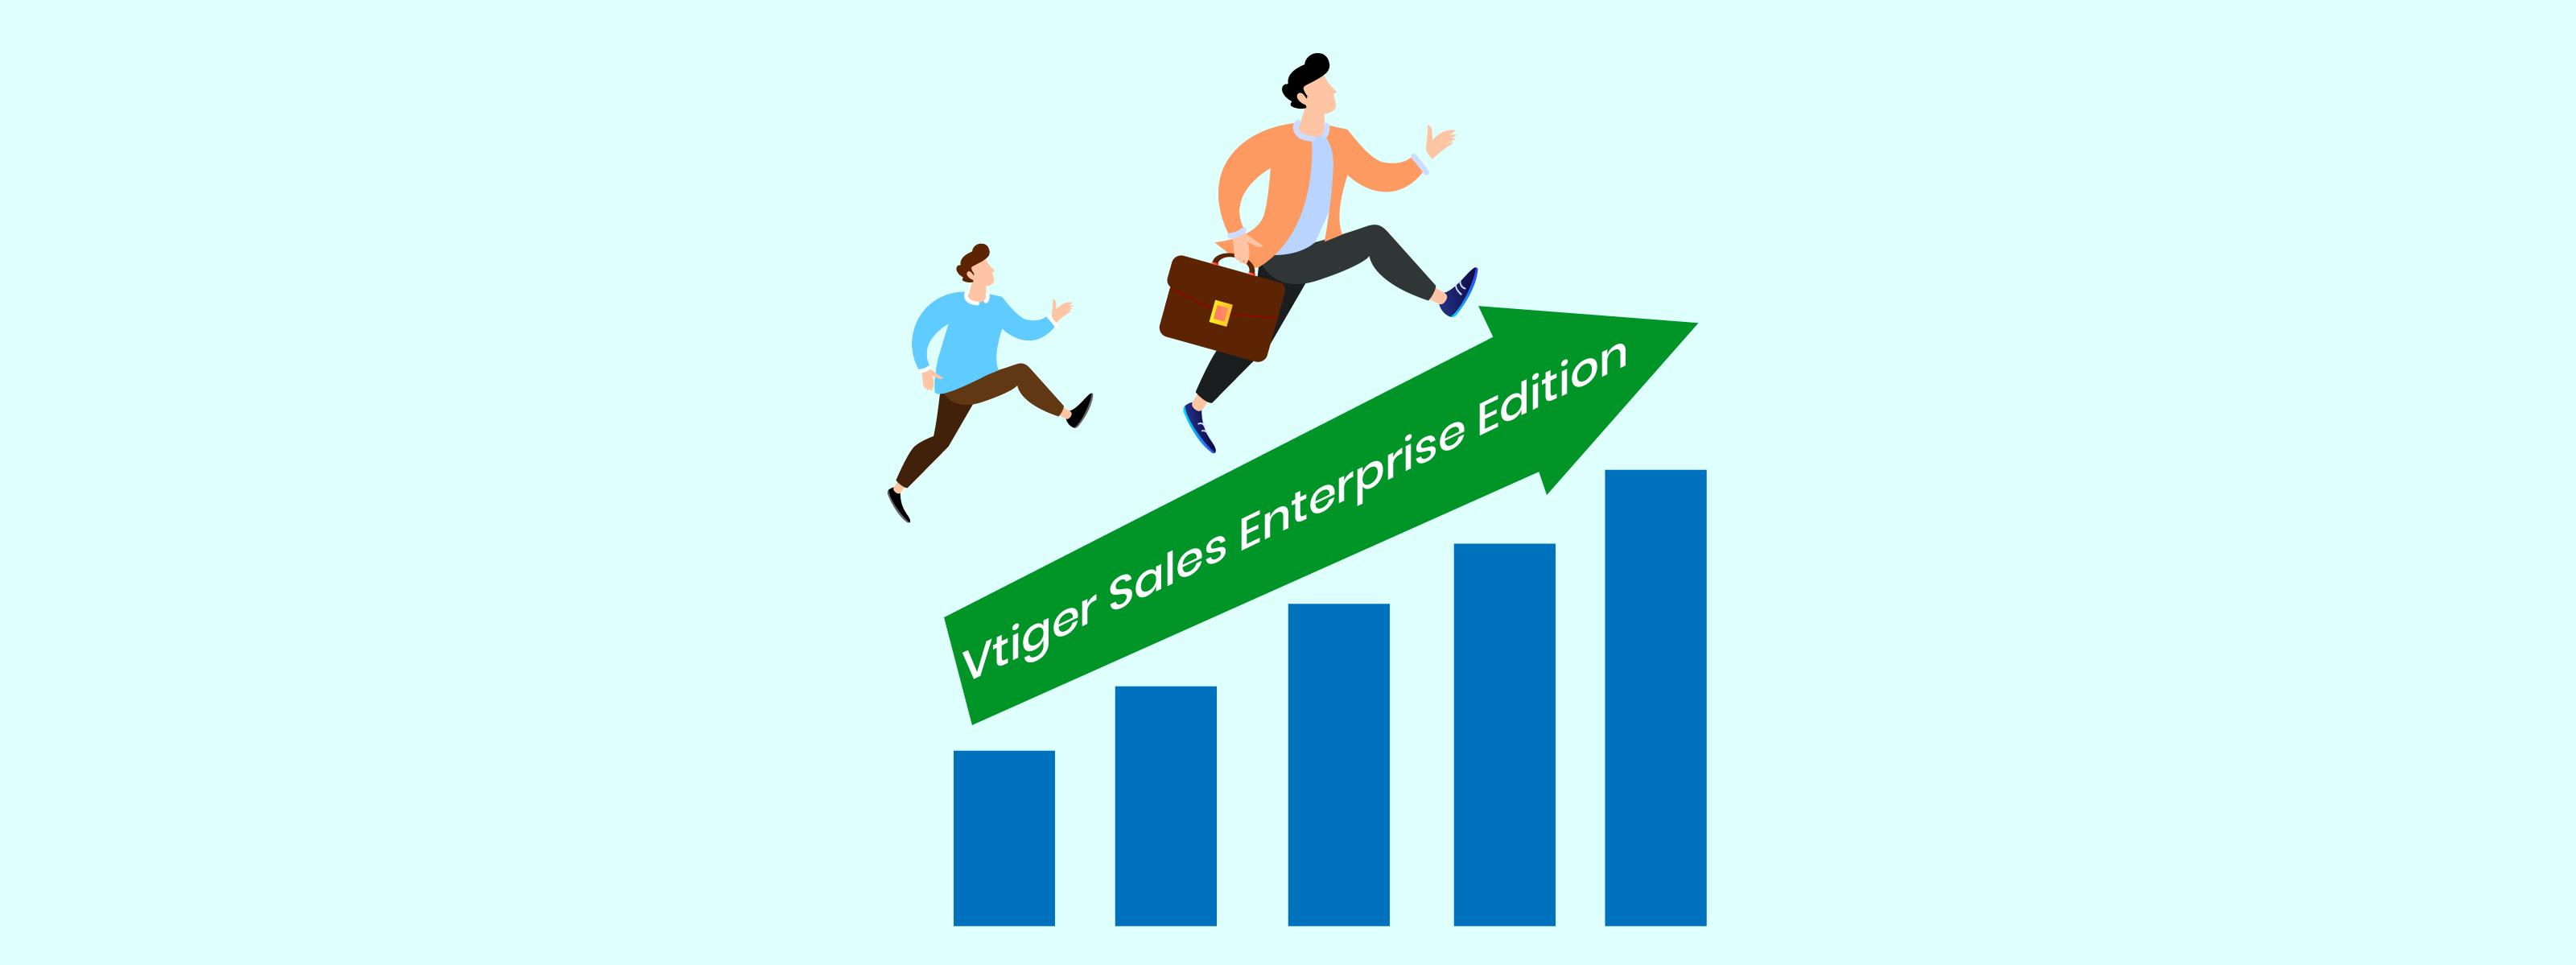 salesenterprise-blog